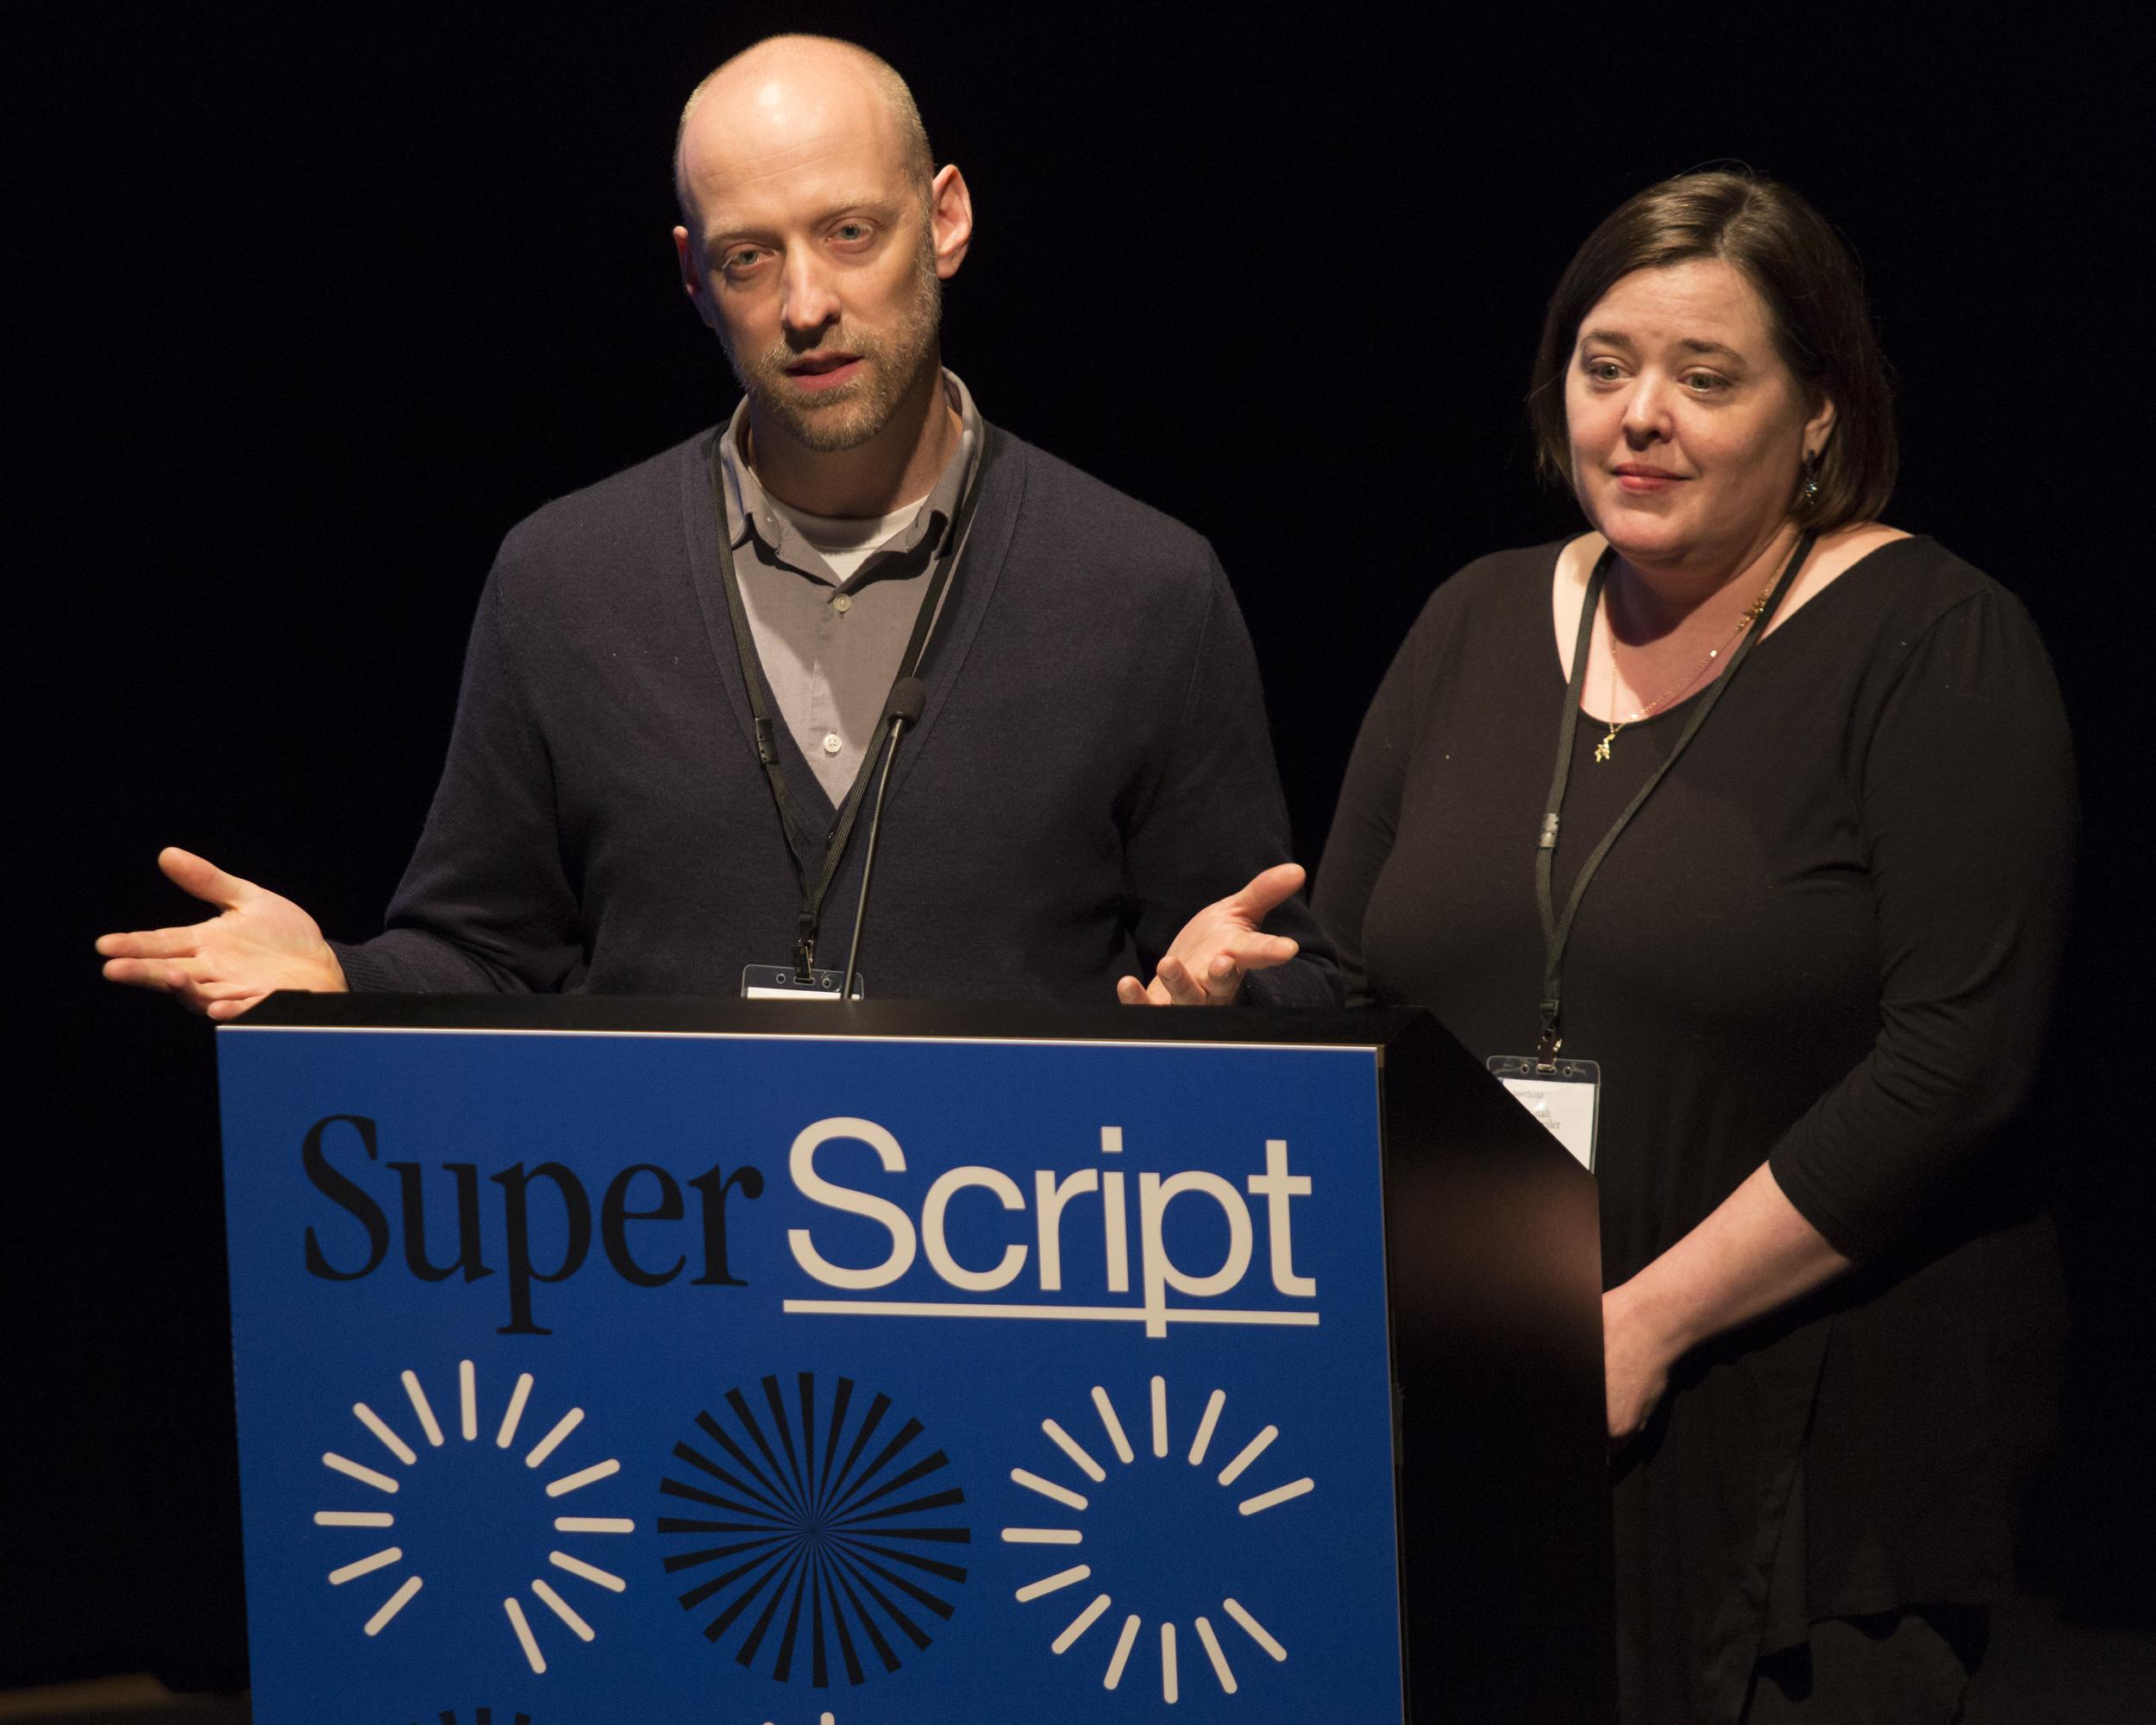 Paul Schmelzer and Superscript co-organizer Susannah Schouweiler. Photo: Walker Art Center